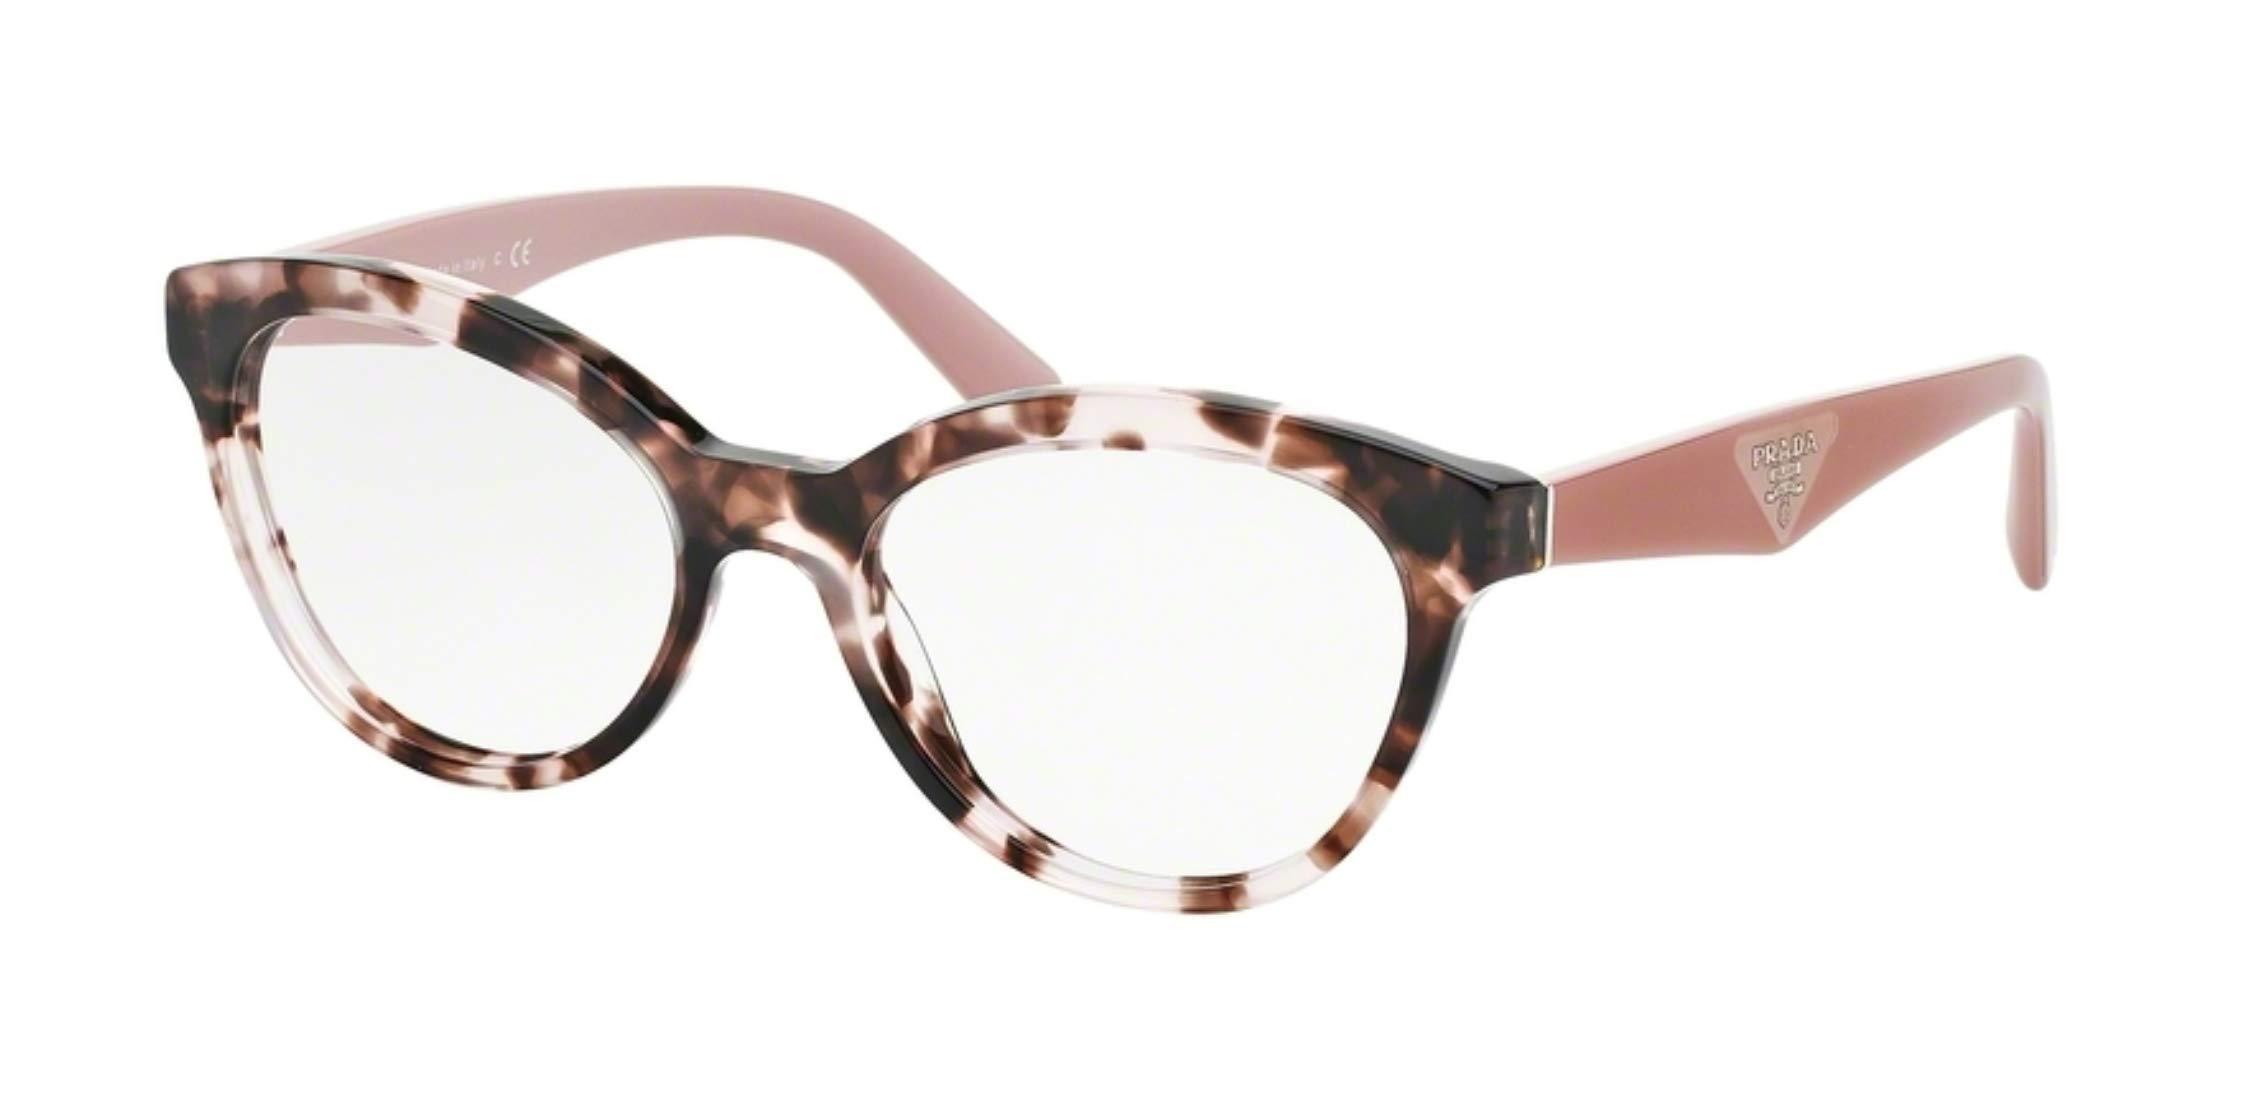 Prada TRIANGLE PR11RV Eyeglass Frames ROJ1O1-52 - Pink Havana PR11RV-ROJ1O1-52 by Prada